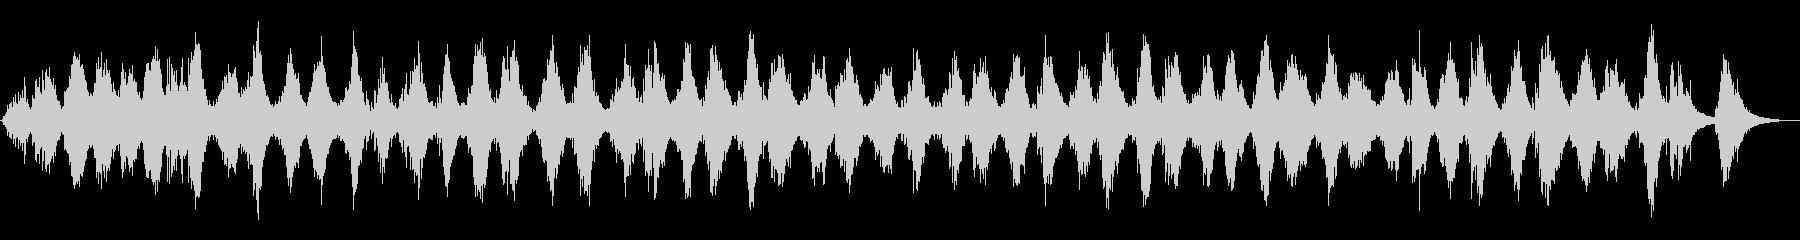 ベルツリー:連続グリッサンドスの上下の未再生の波形